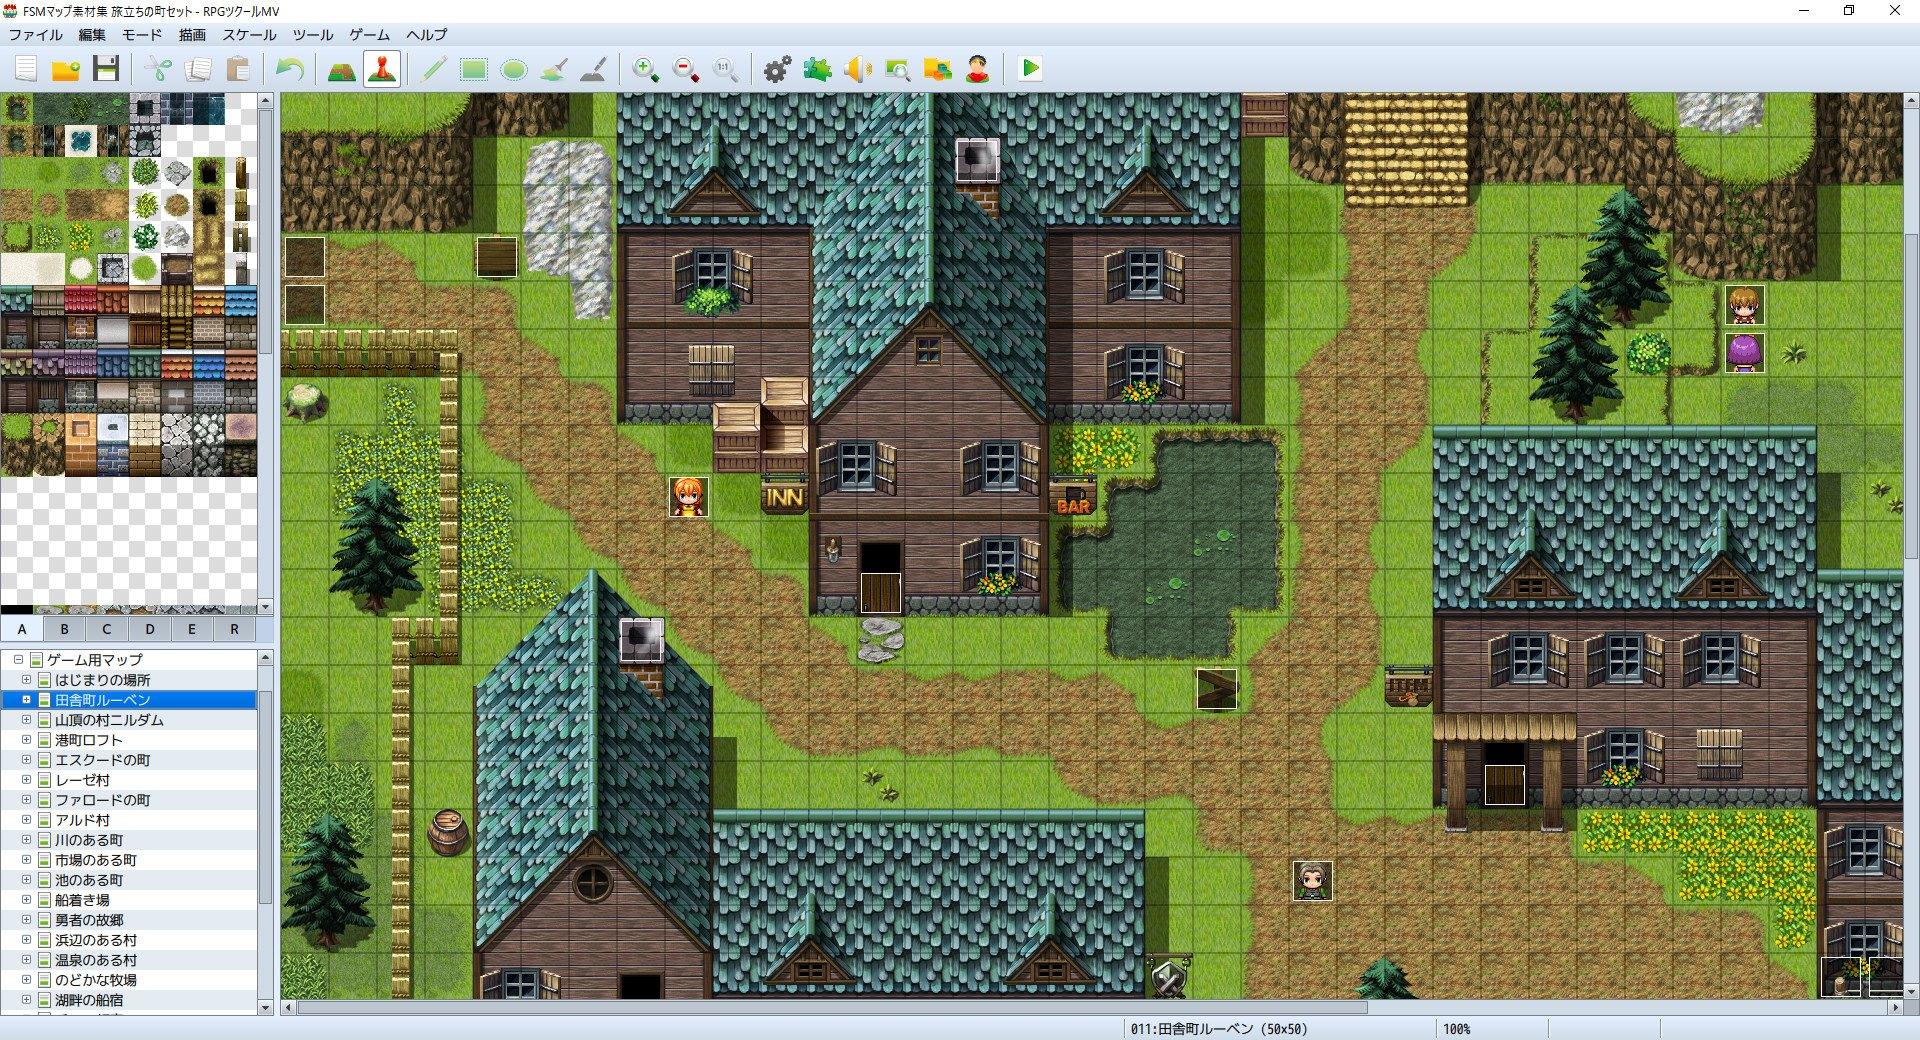 RPG Maker MV - FSM: Town of Beginnings Tiles DLC Steam CD Key